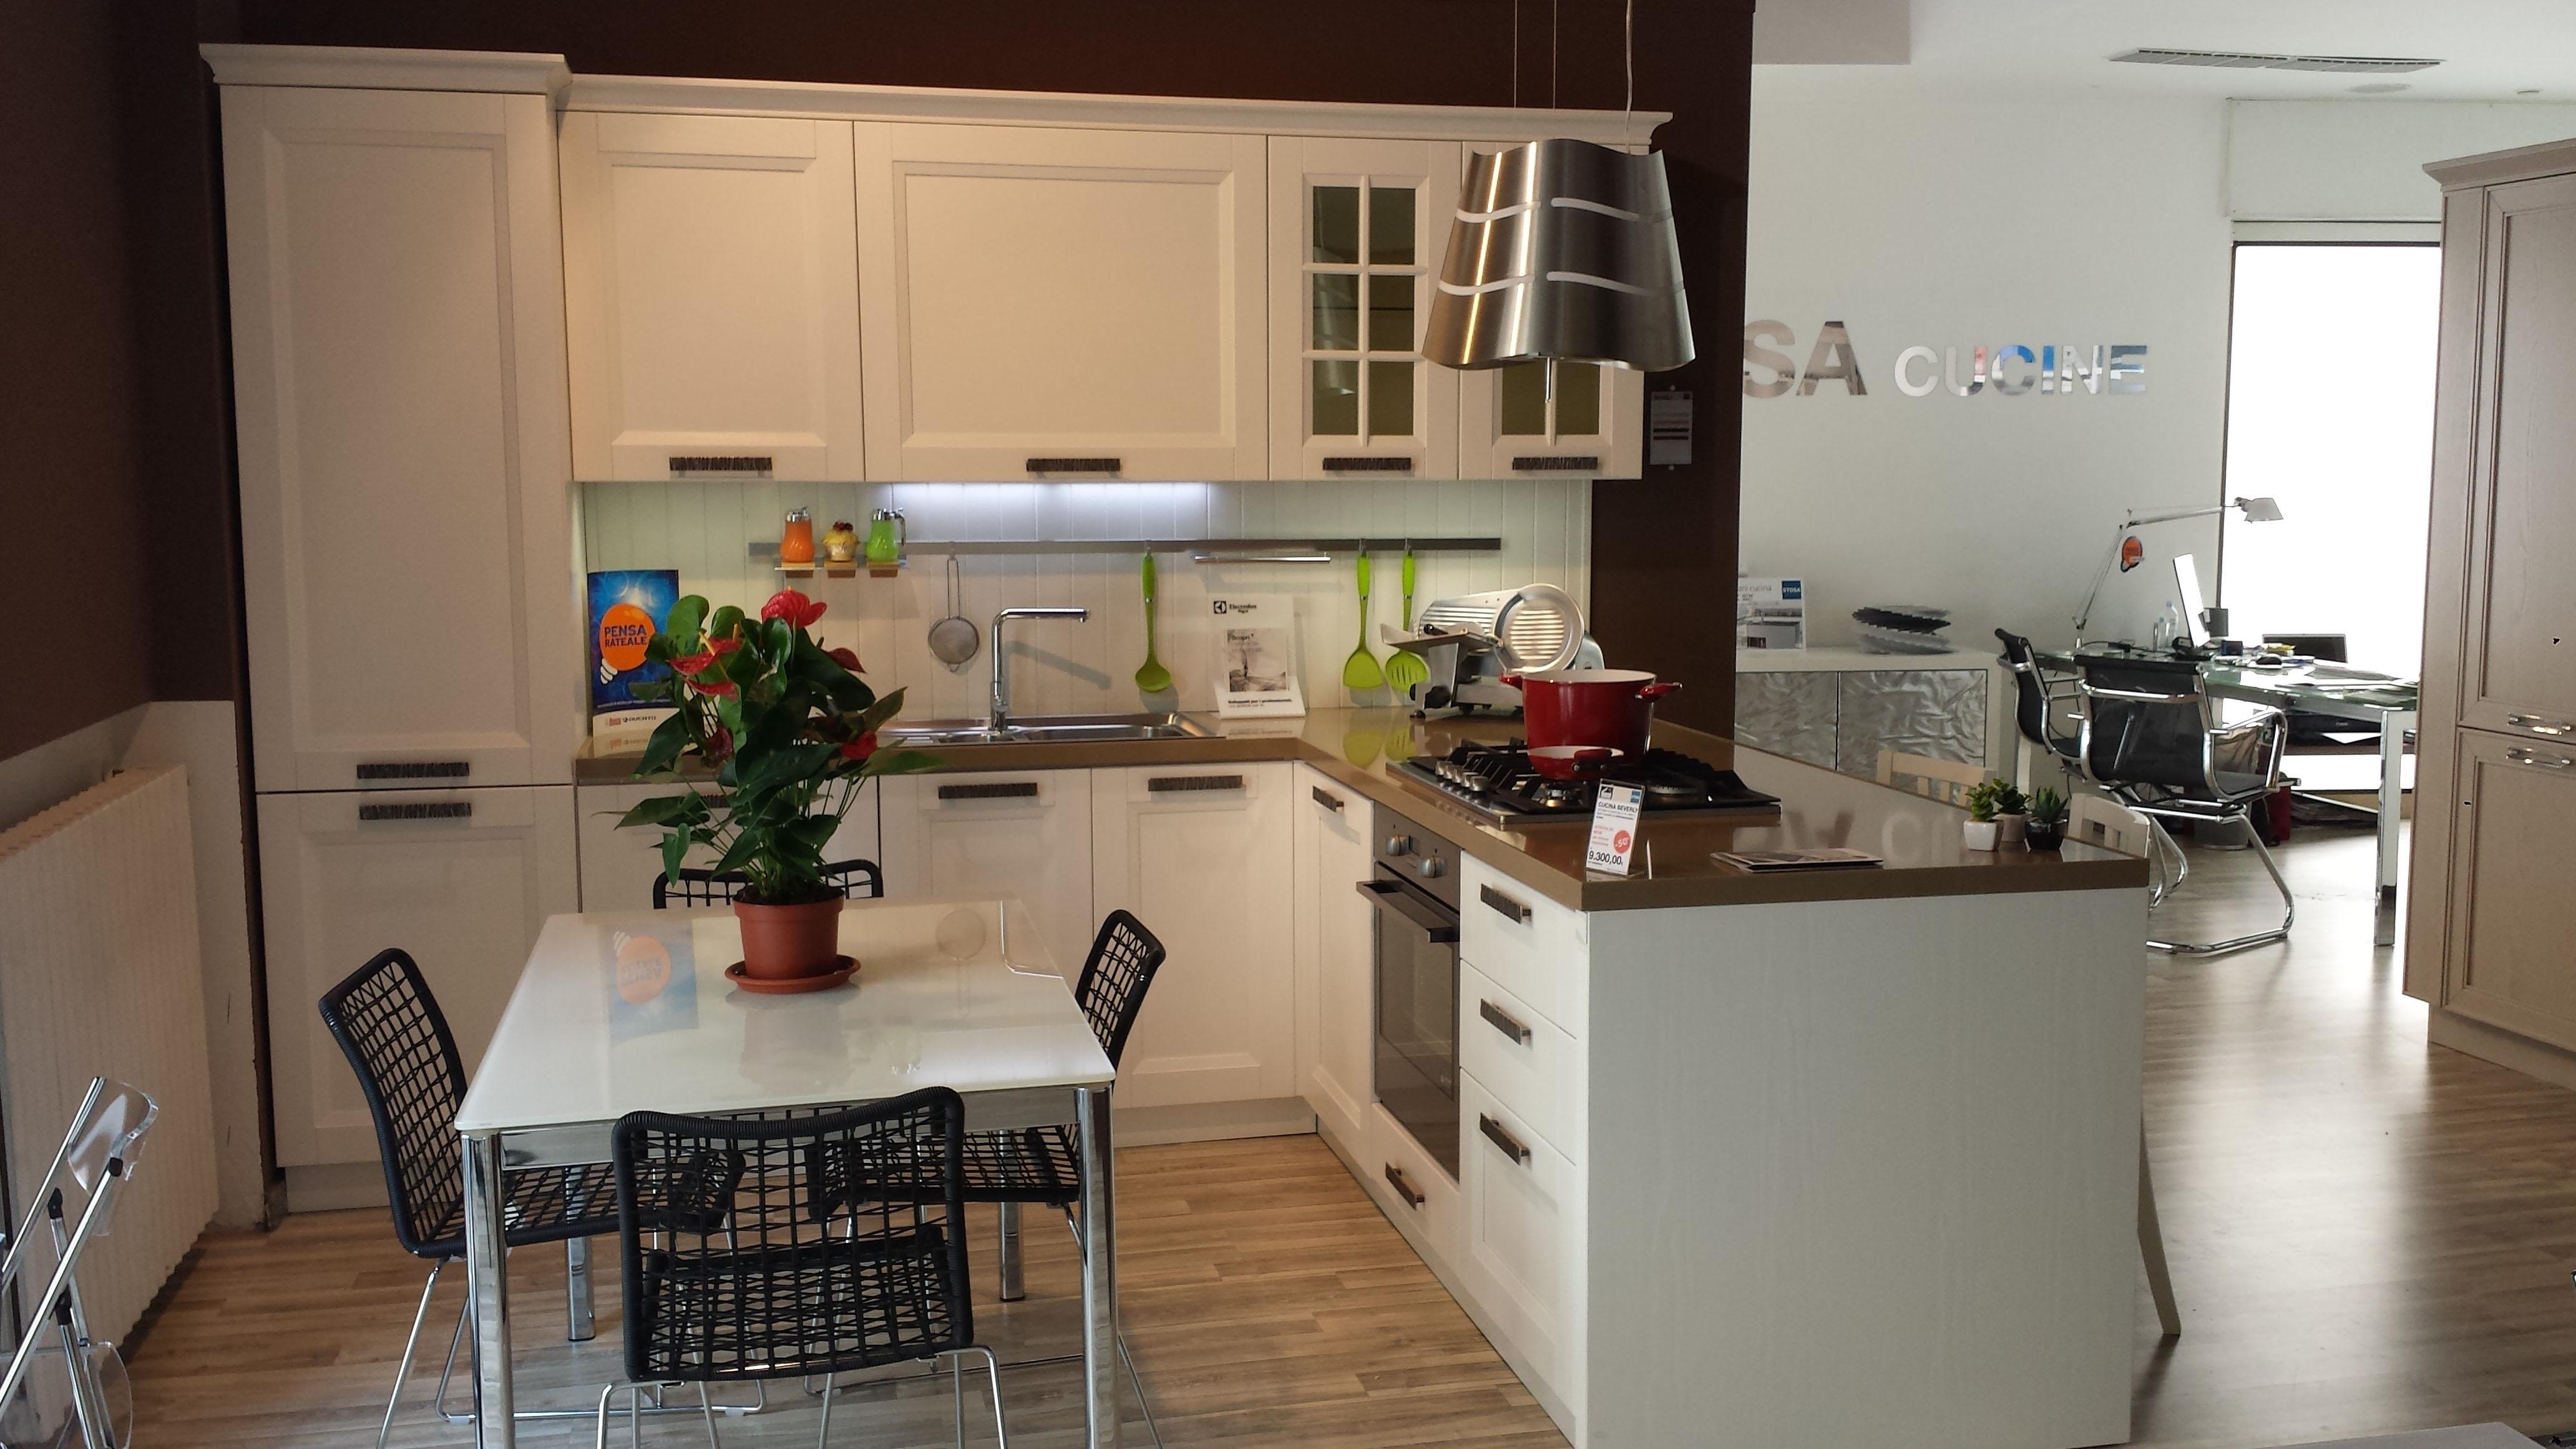 Cucina stosa mod beverly completa di elettrodomestici for Stosa cucine prezzi